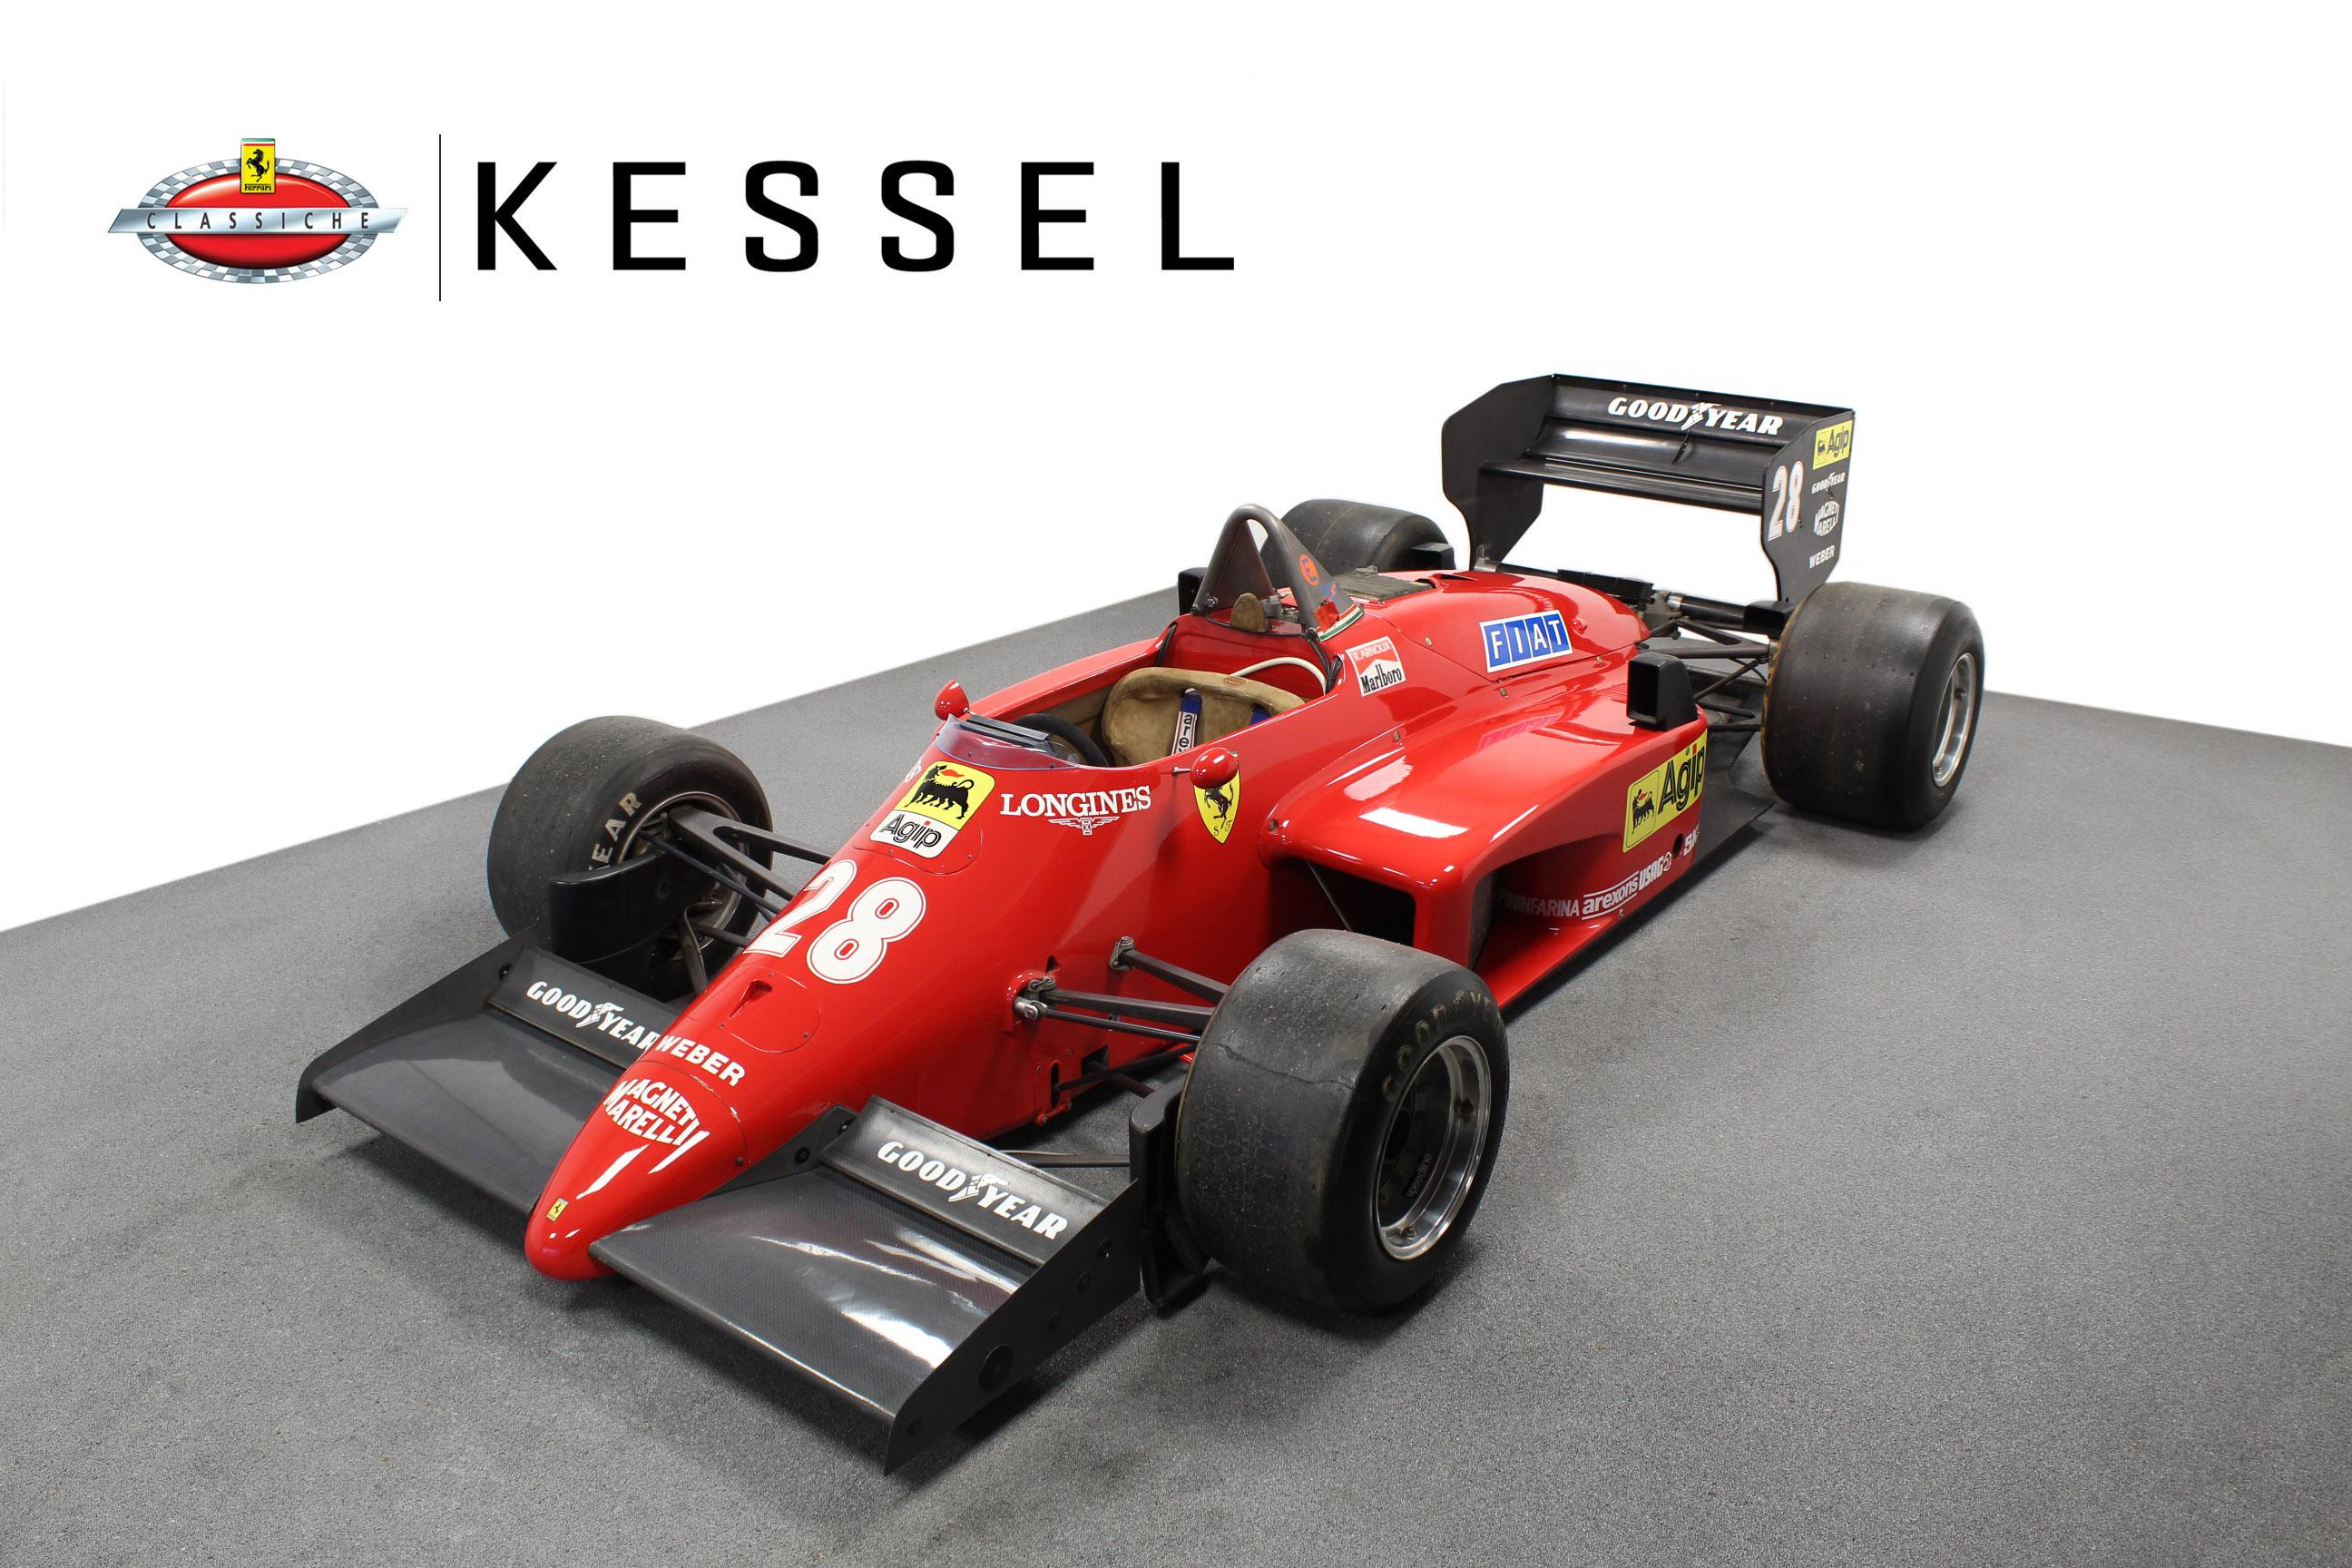 1985 Ferrari Formula 1 Vintage Car For Sale